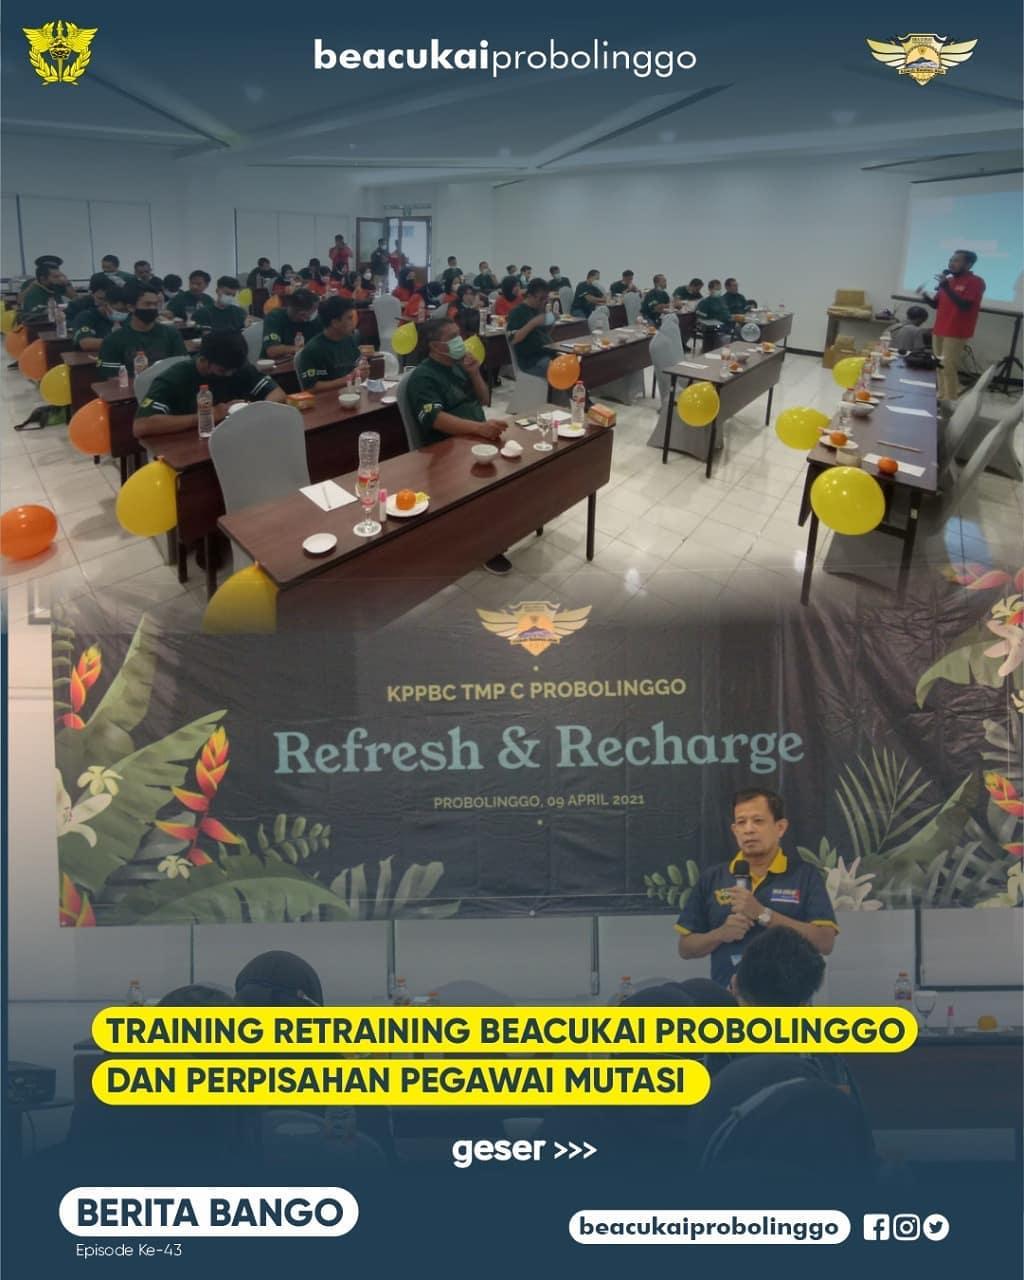 TRAINING RETRAINING DAN PISAH SAMBUT PEGAWAI